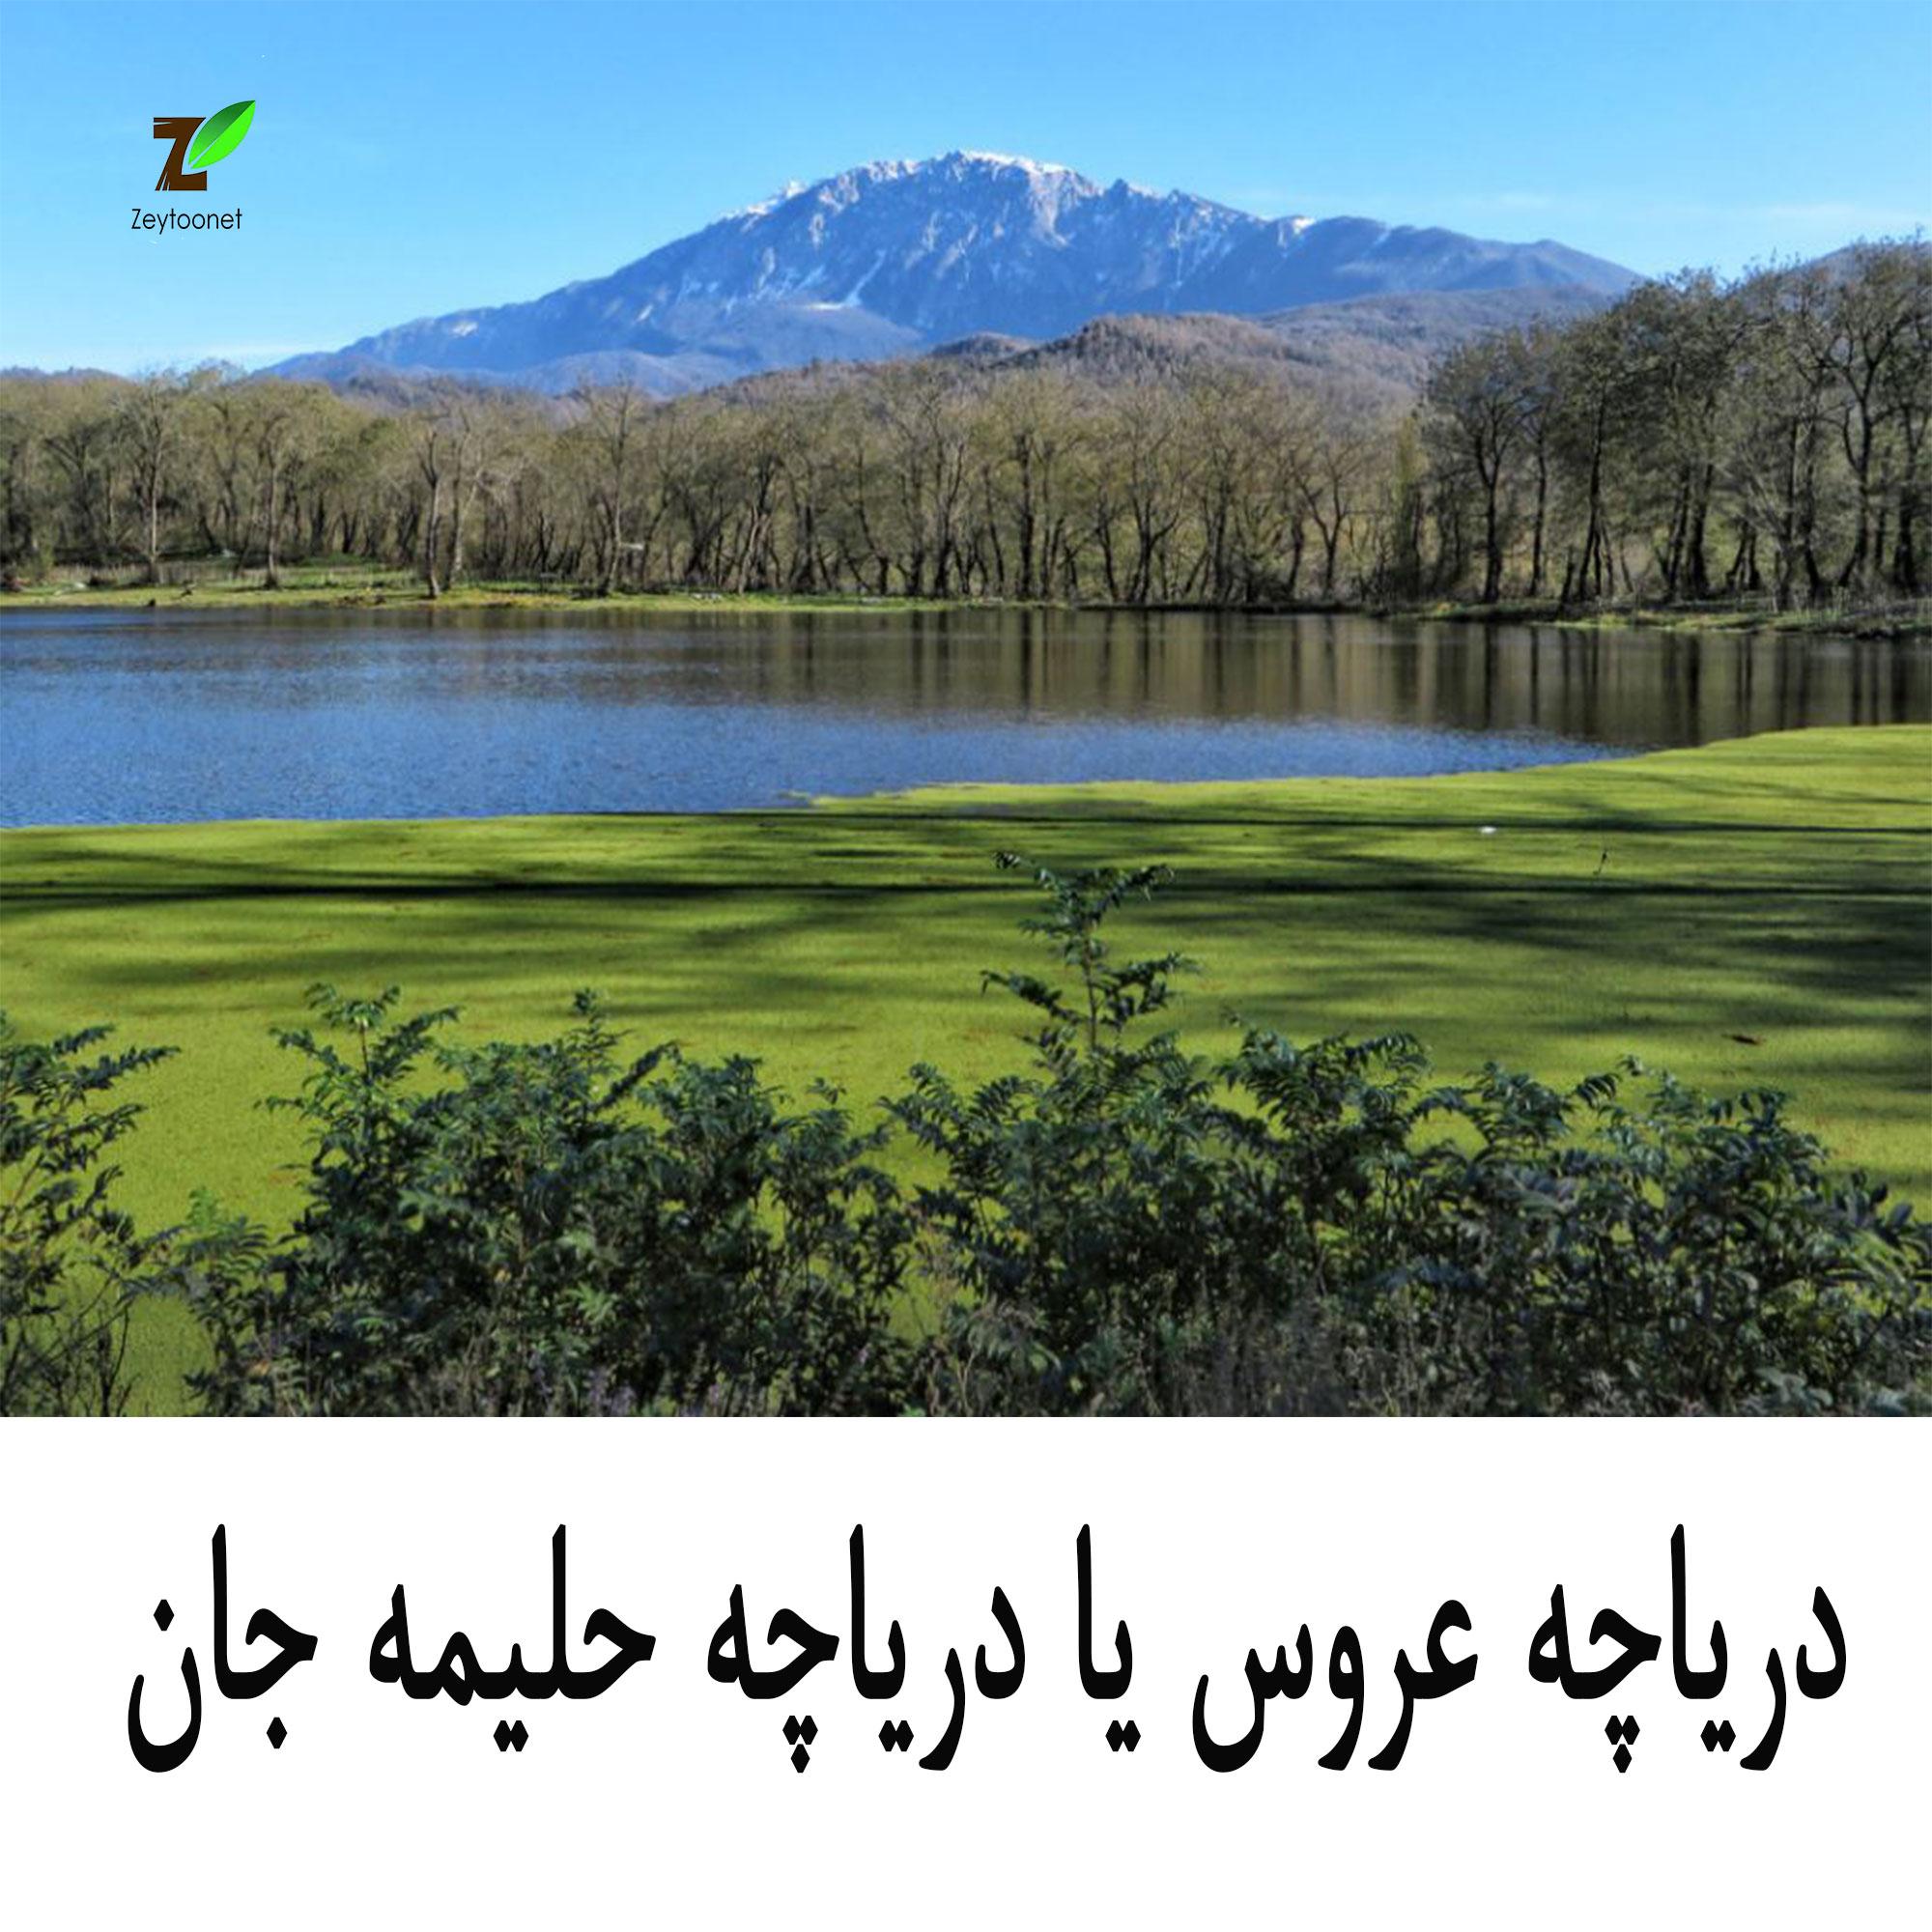 دریاچه عروس حلیمه جان جاذبه گردشگری رودبار